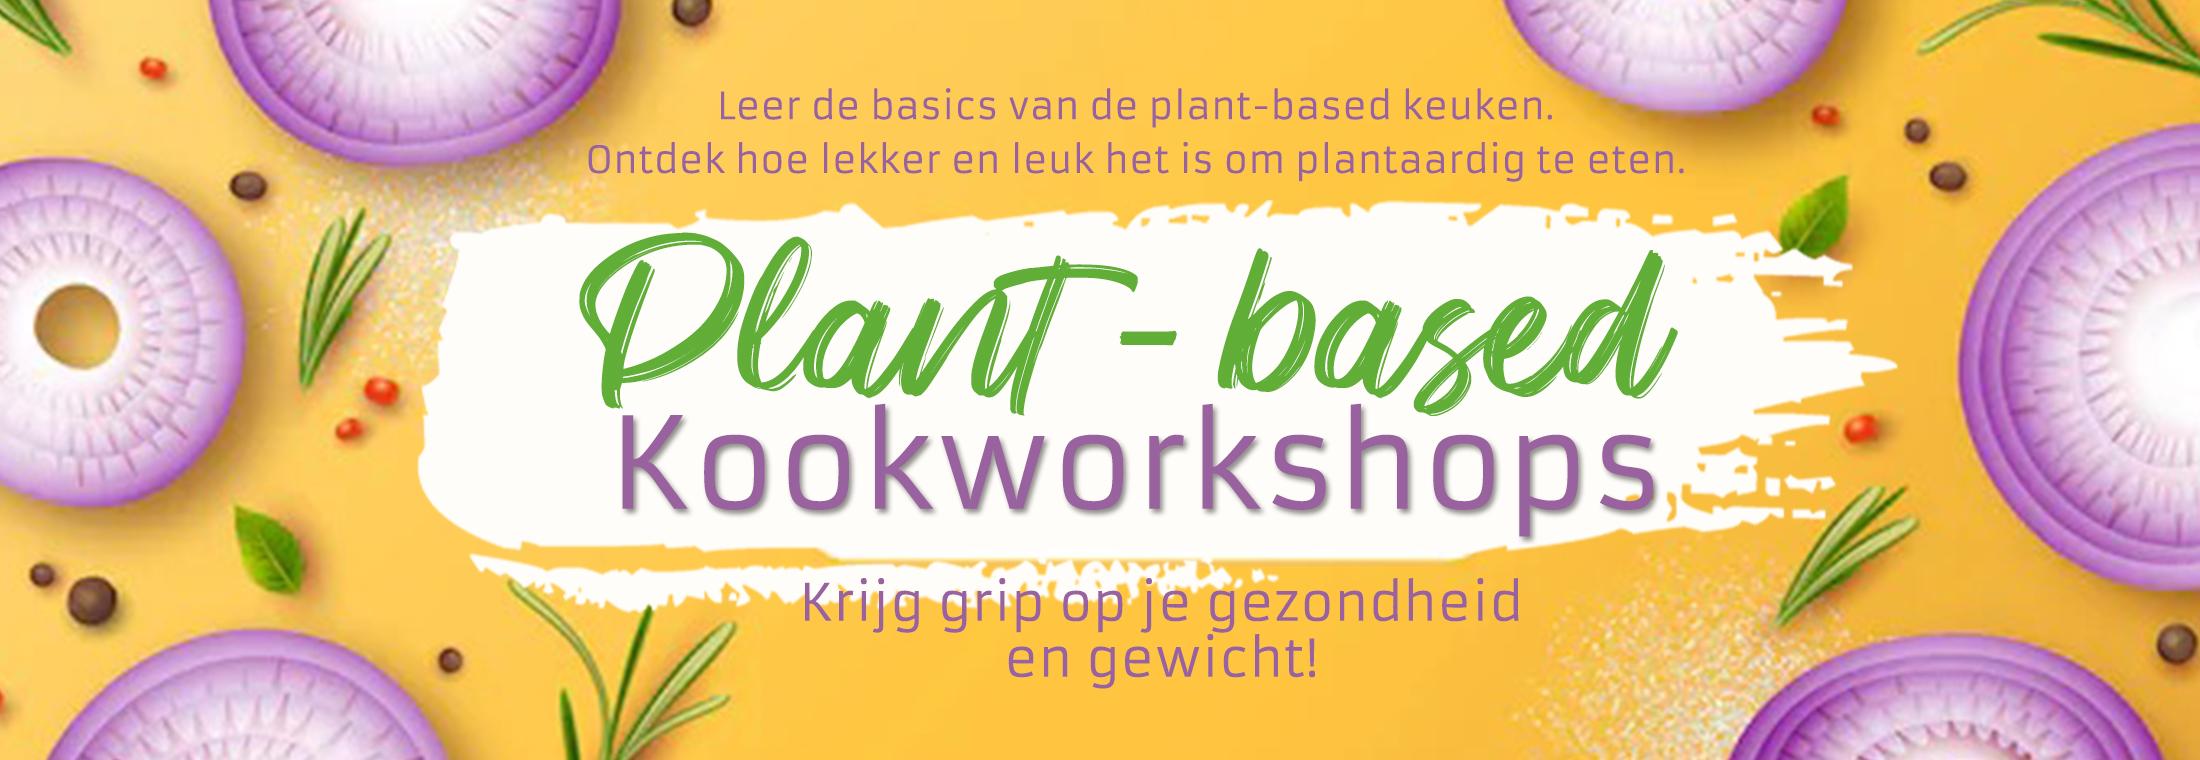 Plant-based kookworkshops